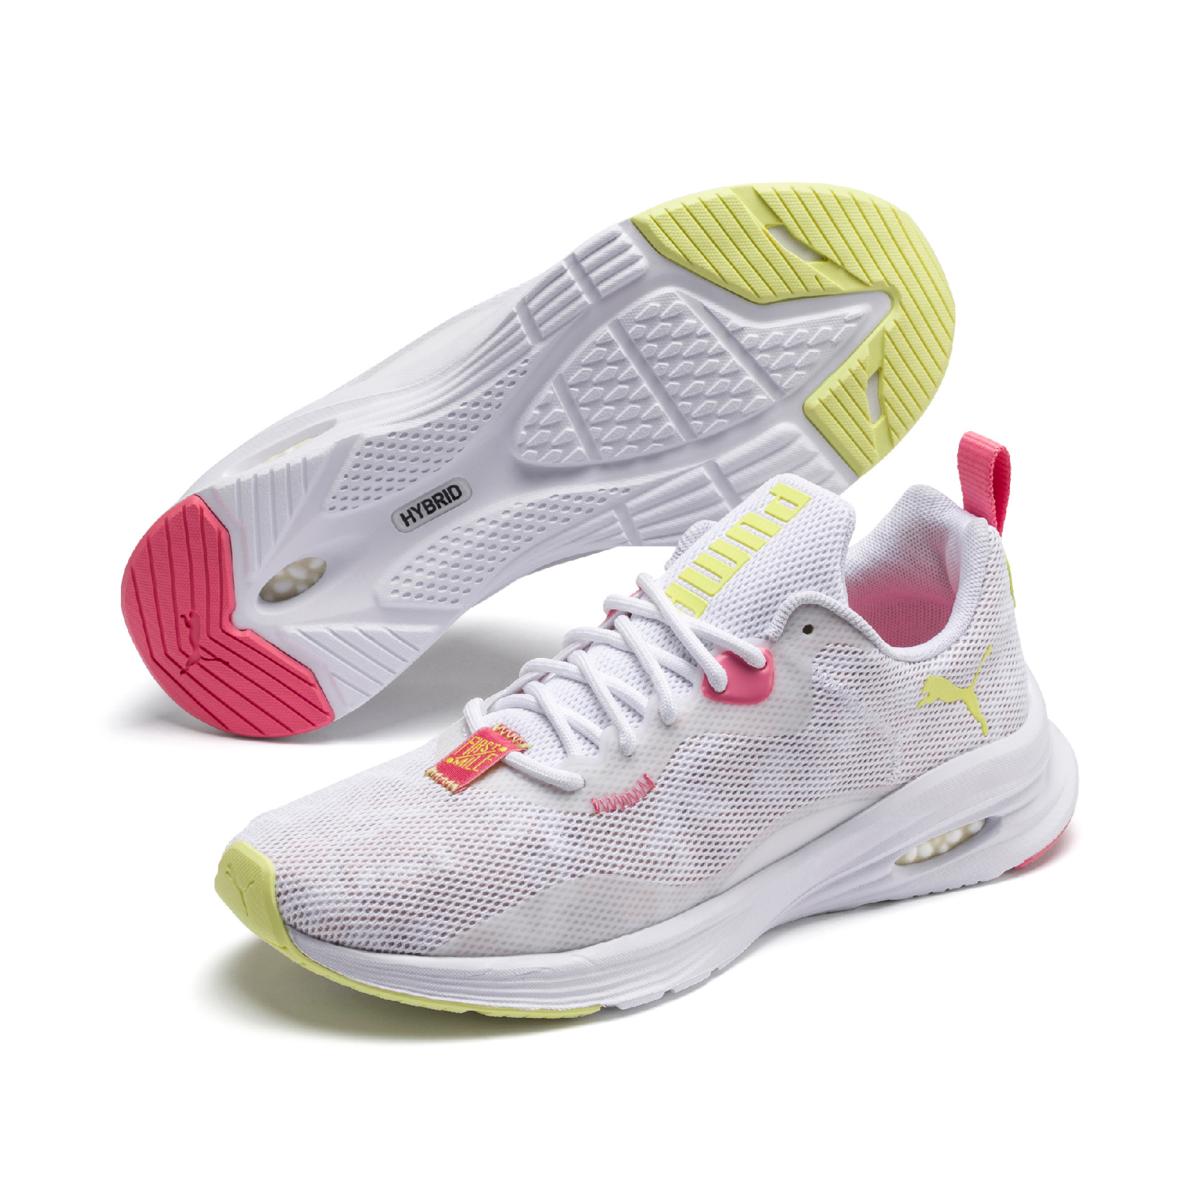 PUMA x First Mile Hybrid Fuego FM Camo Wns鞋款。NT$2,680(PUMA提供)